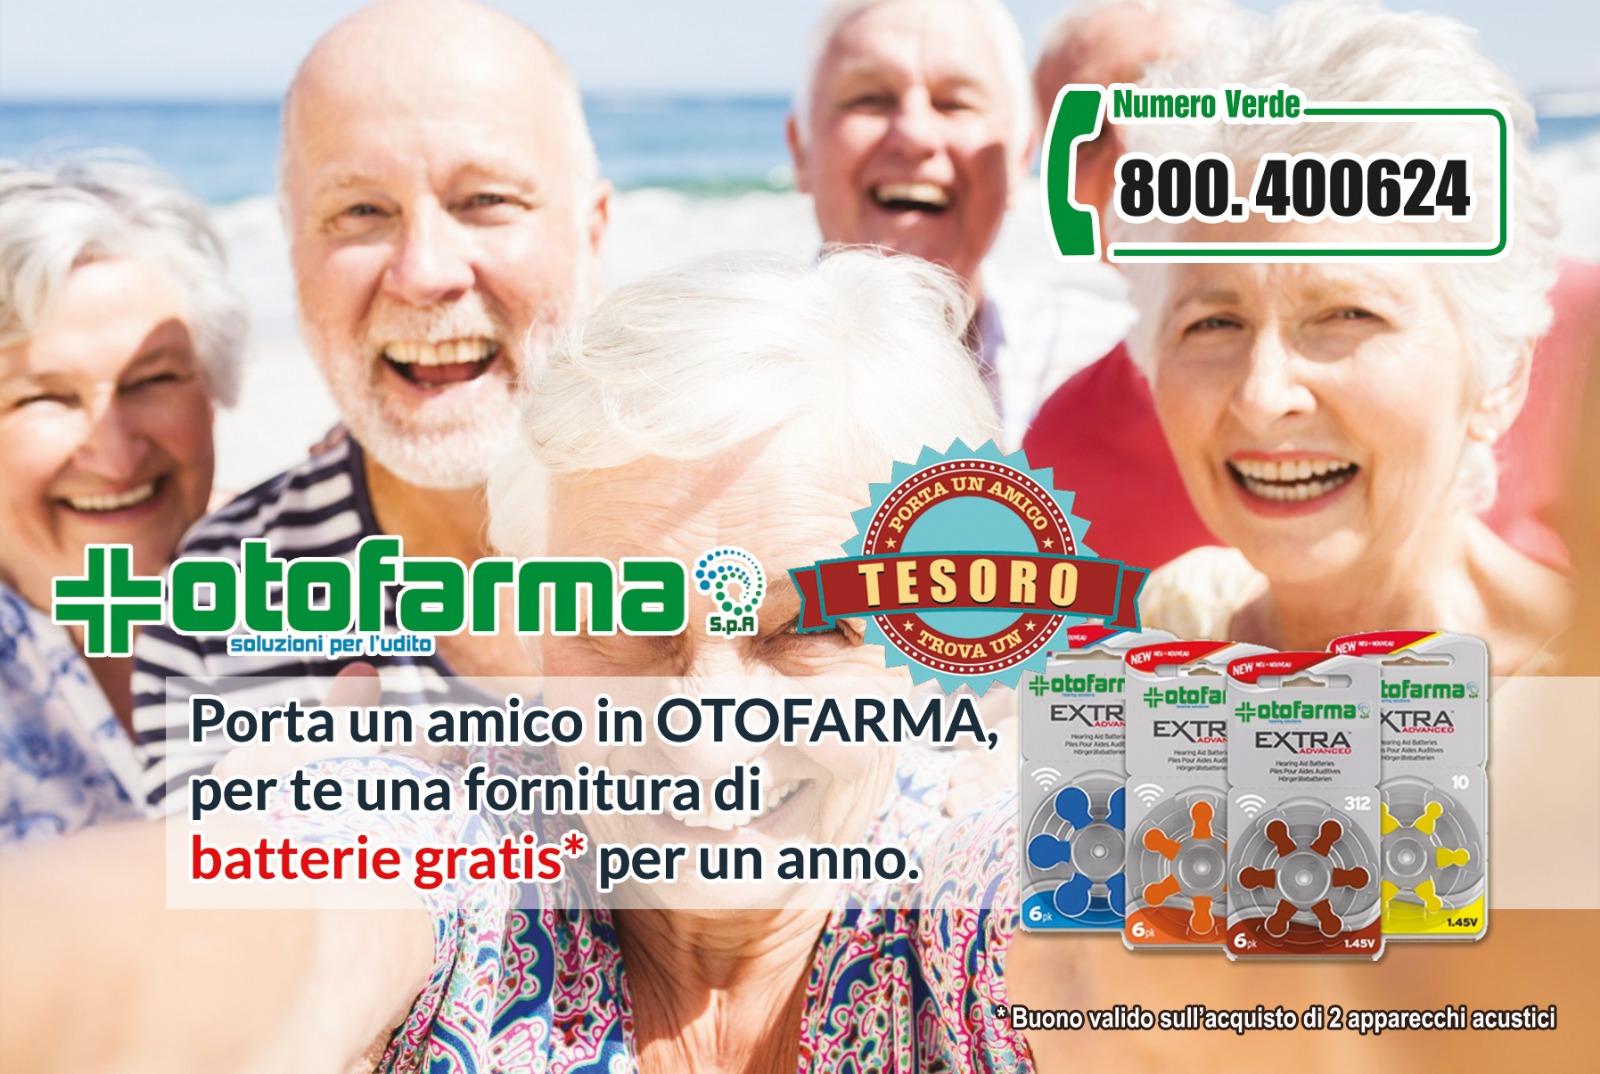 Campagna porta un amico in Otofarma